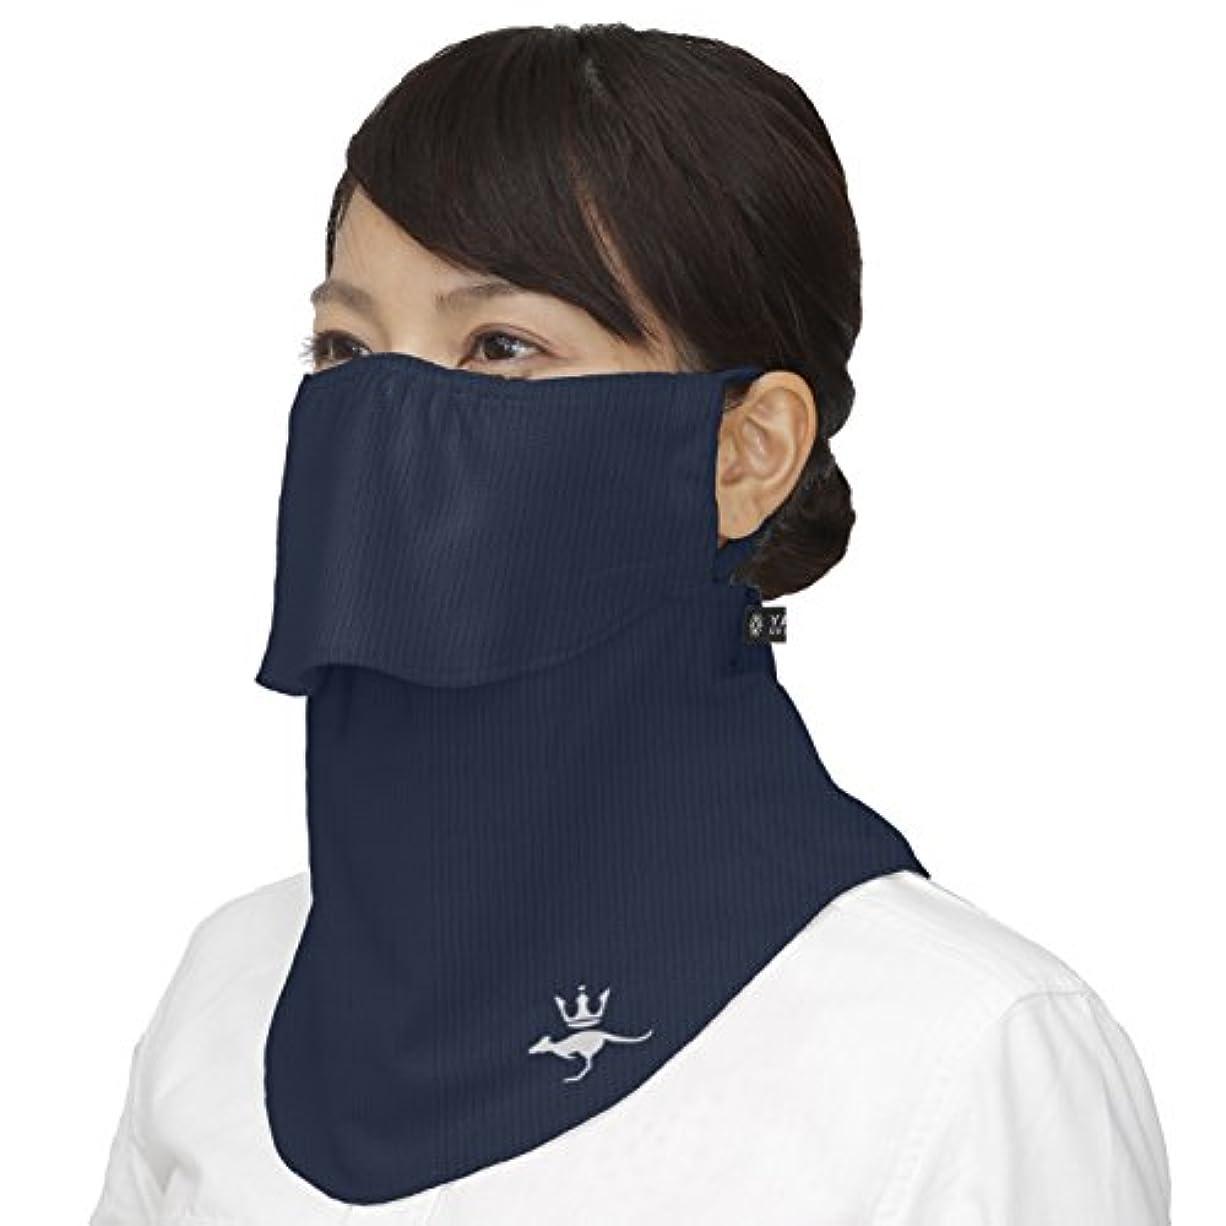 レバーメンタリティとげのある(シンプソン)Simpson 息苦しくない 紫外線防止 レディース 日焼け防止 UVカット フェイスマスク フェイスカバー STA-M02